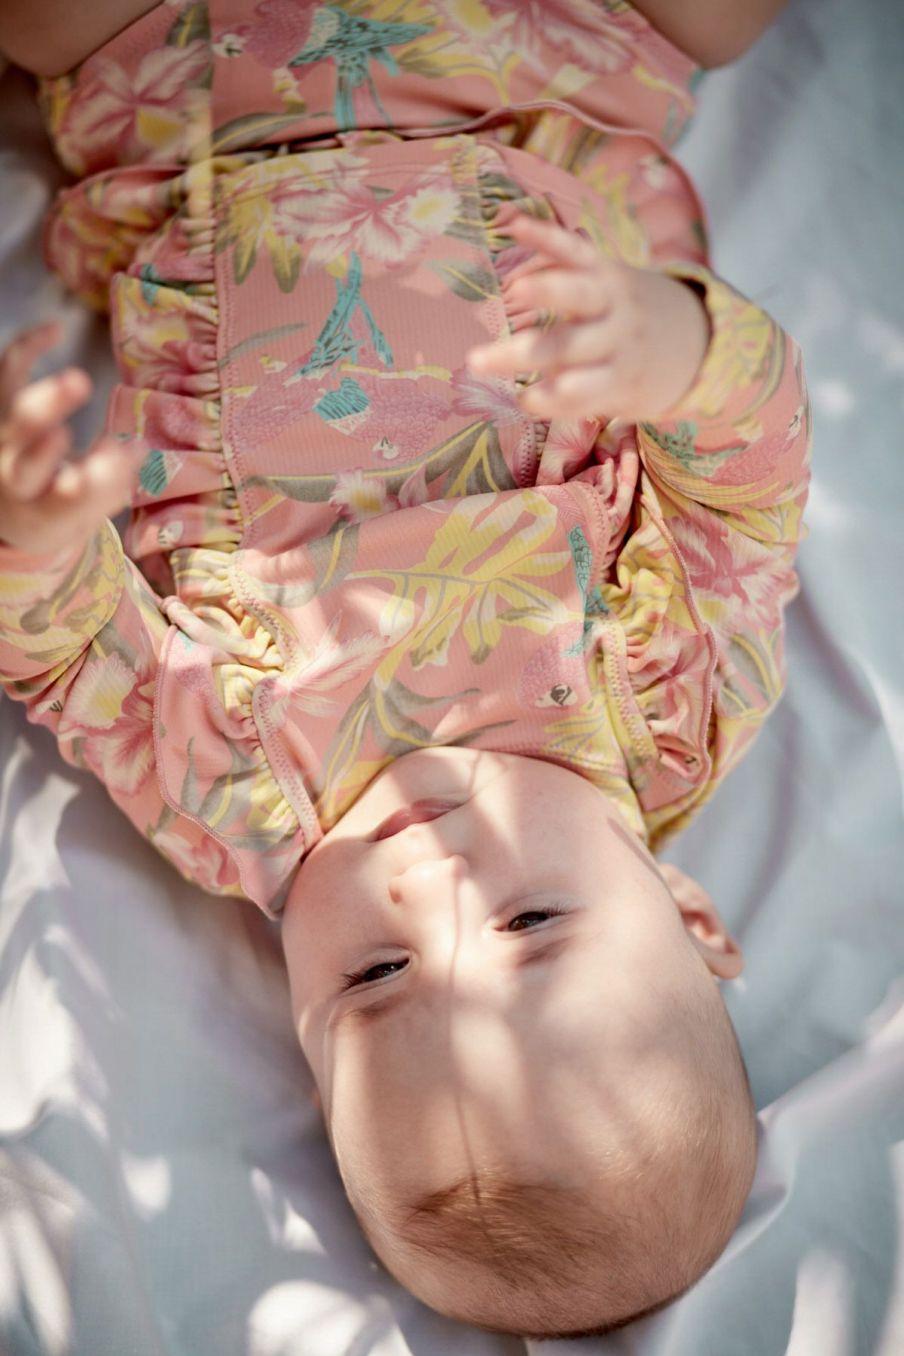 boheme chic vintage set de protection uv bébé fille toluca sienna parrots